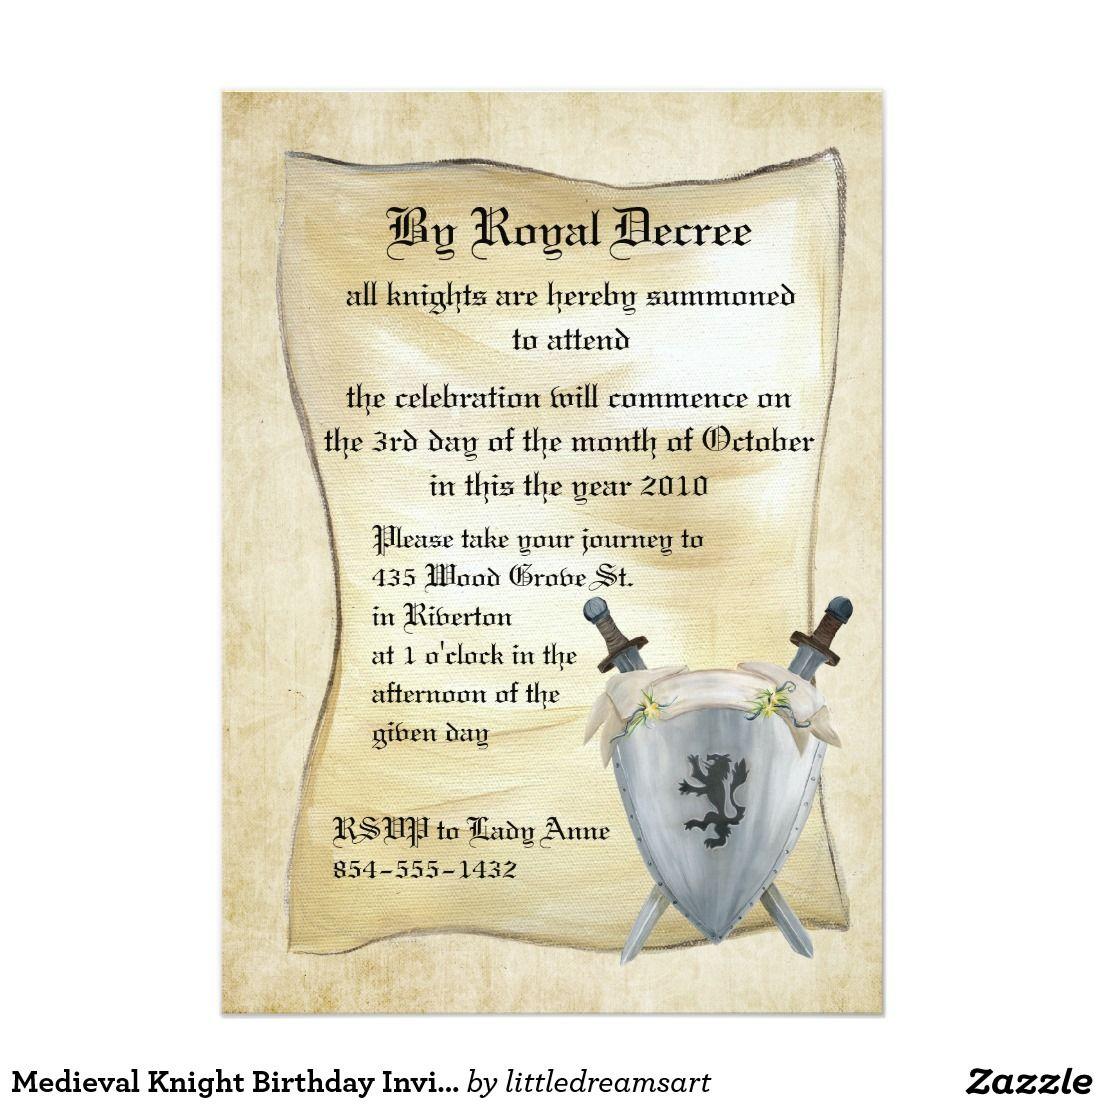 Mittelalterliche Ritter-Geburtstags-Einladung Karte | Medieval